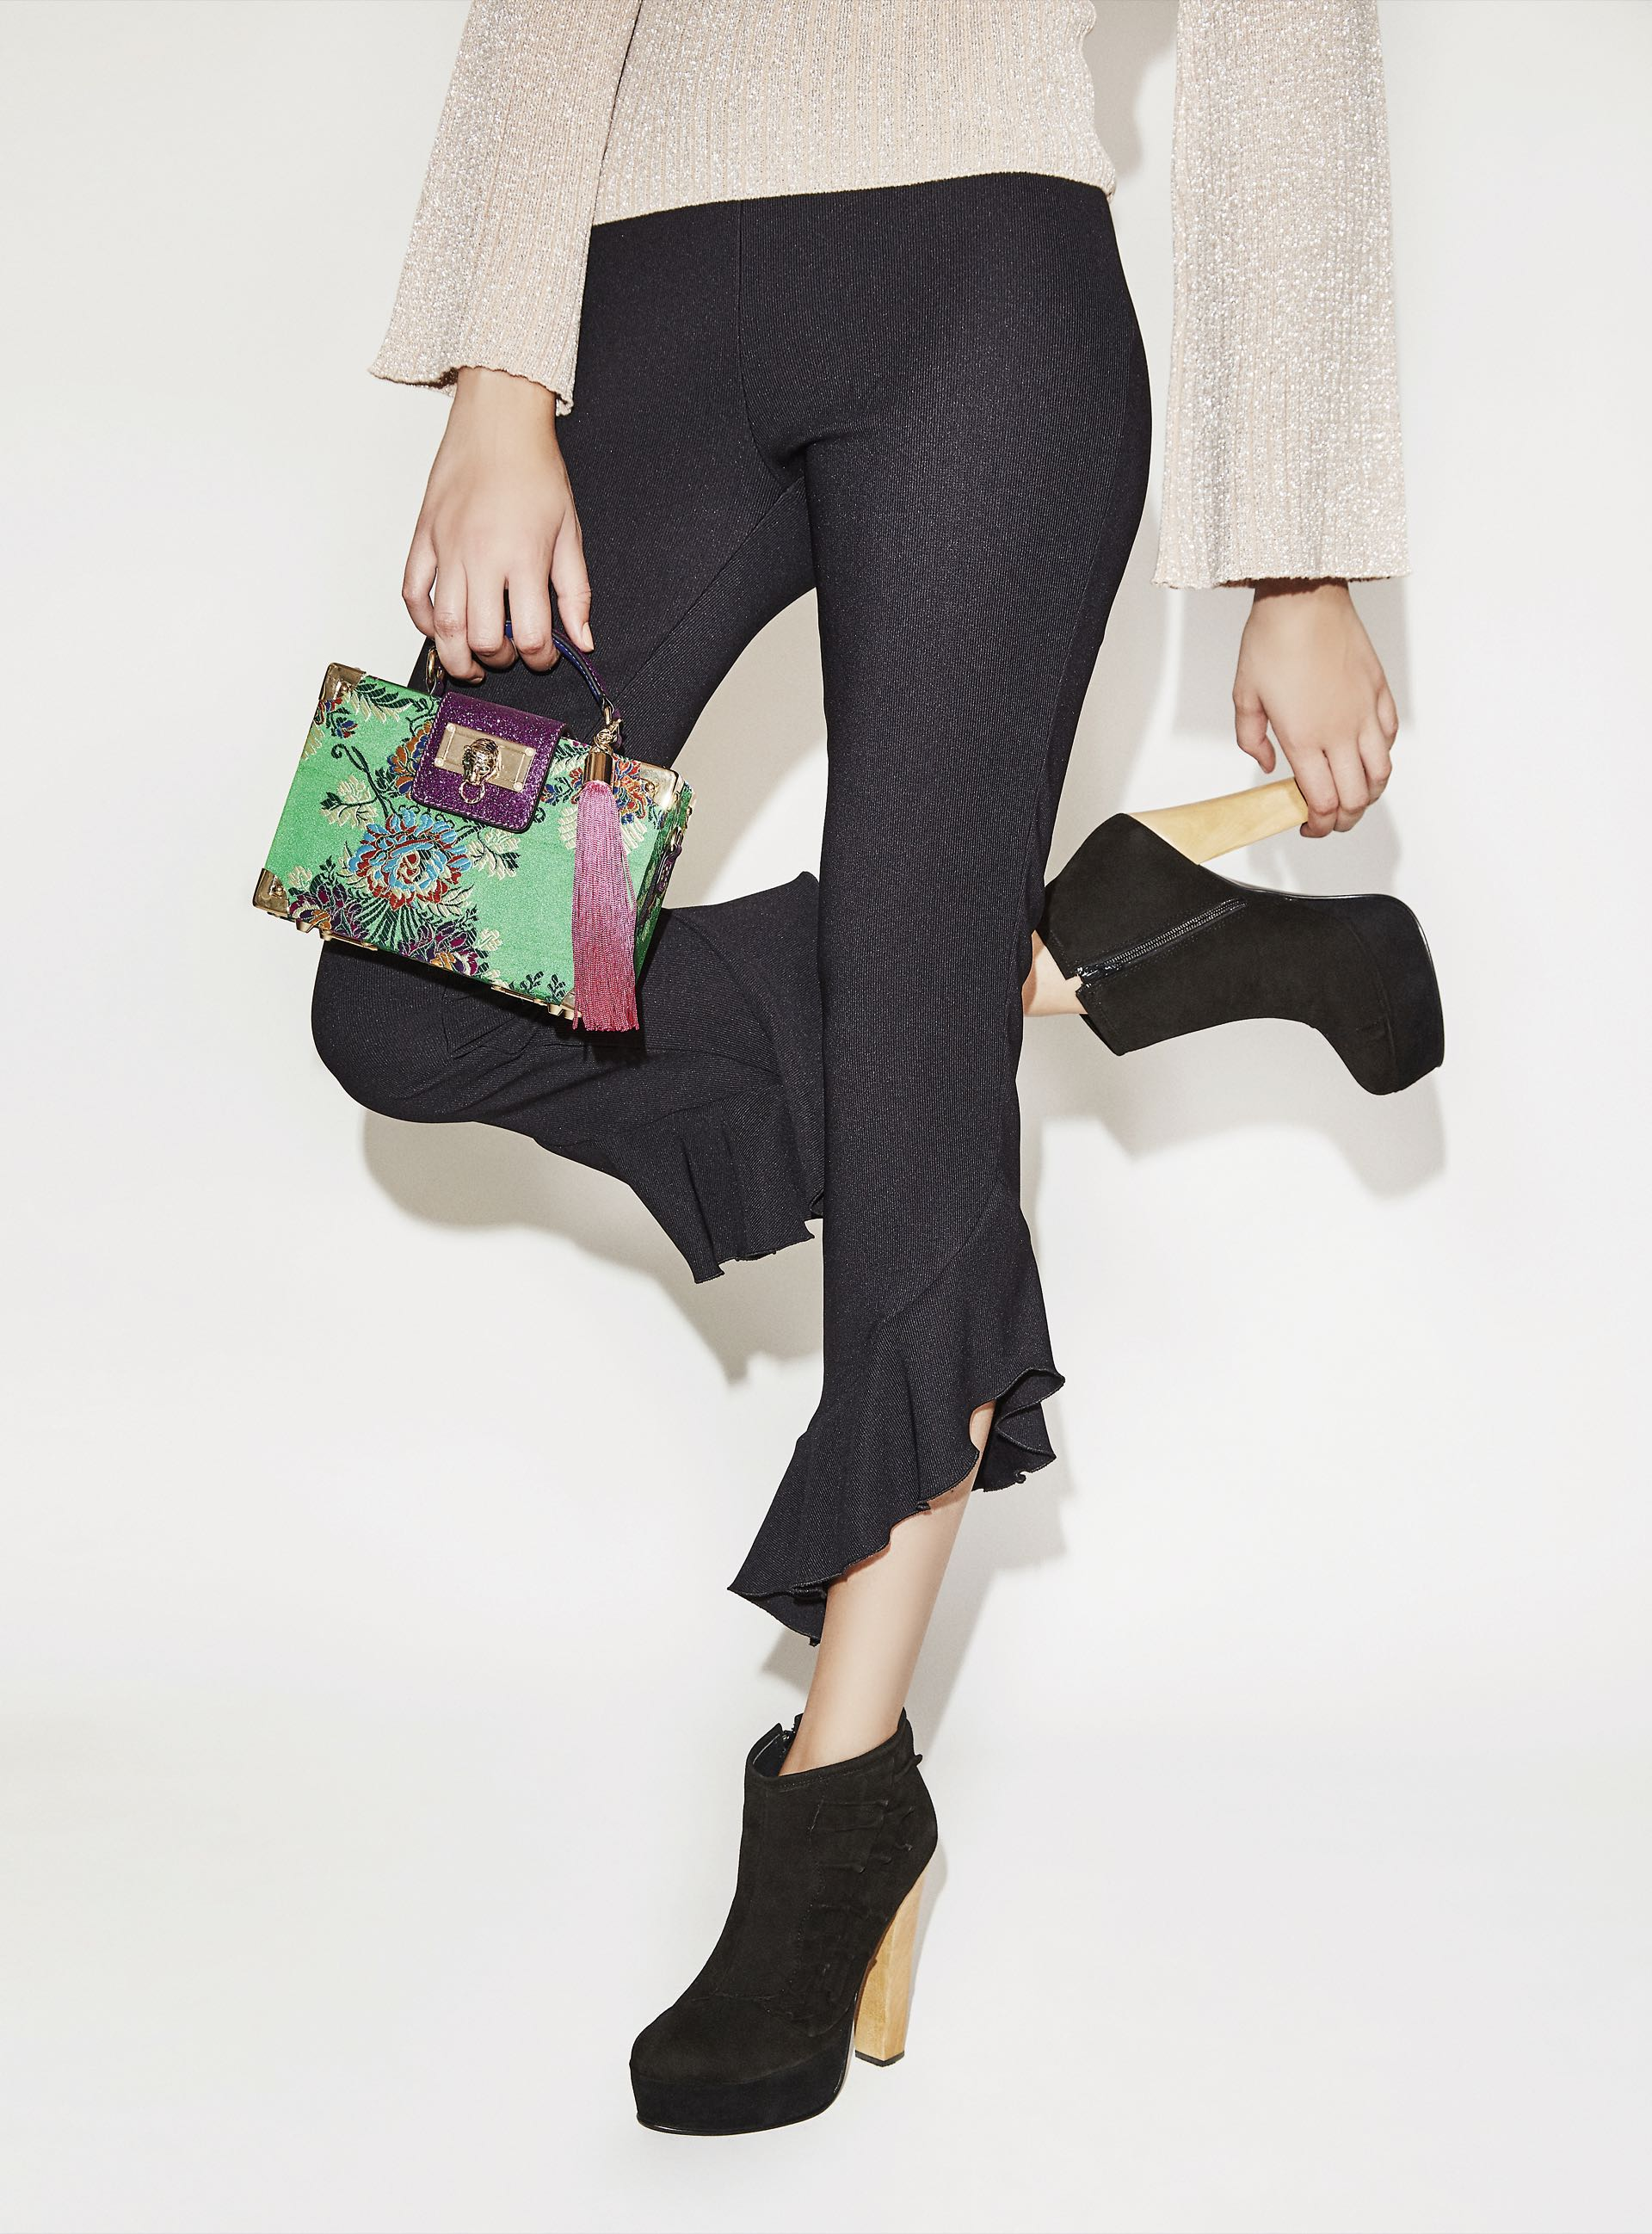 Alto vuelo. Botineta de gamuza con volados ($ 5.990, The Bag Belt), pantalón irregular con volados($ 2.400, Vitamina) y suéter de lúrex ($ 1.699, Yagmour). (Fotos: Chino Toccalino/ Para Ti)